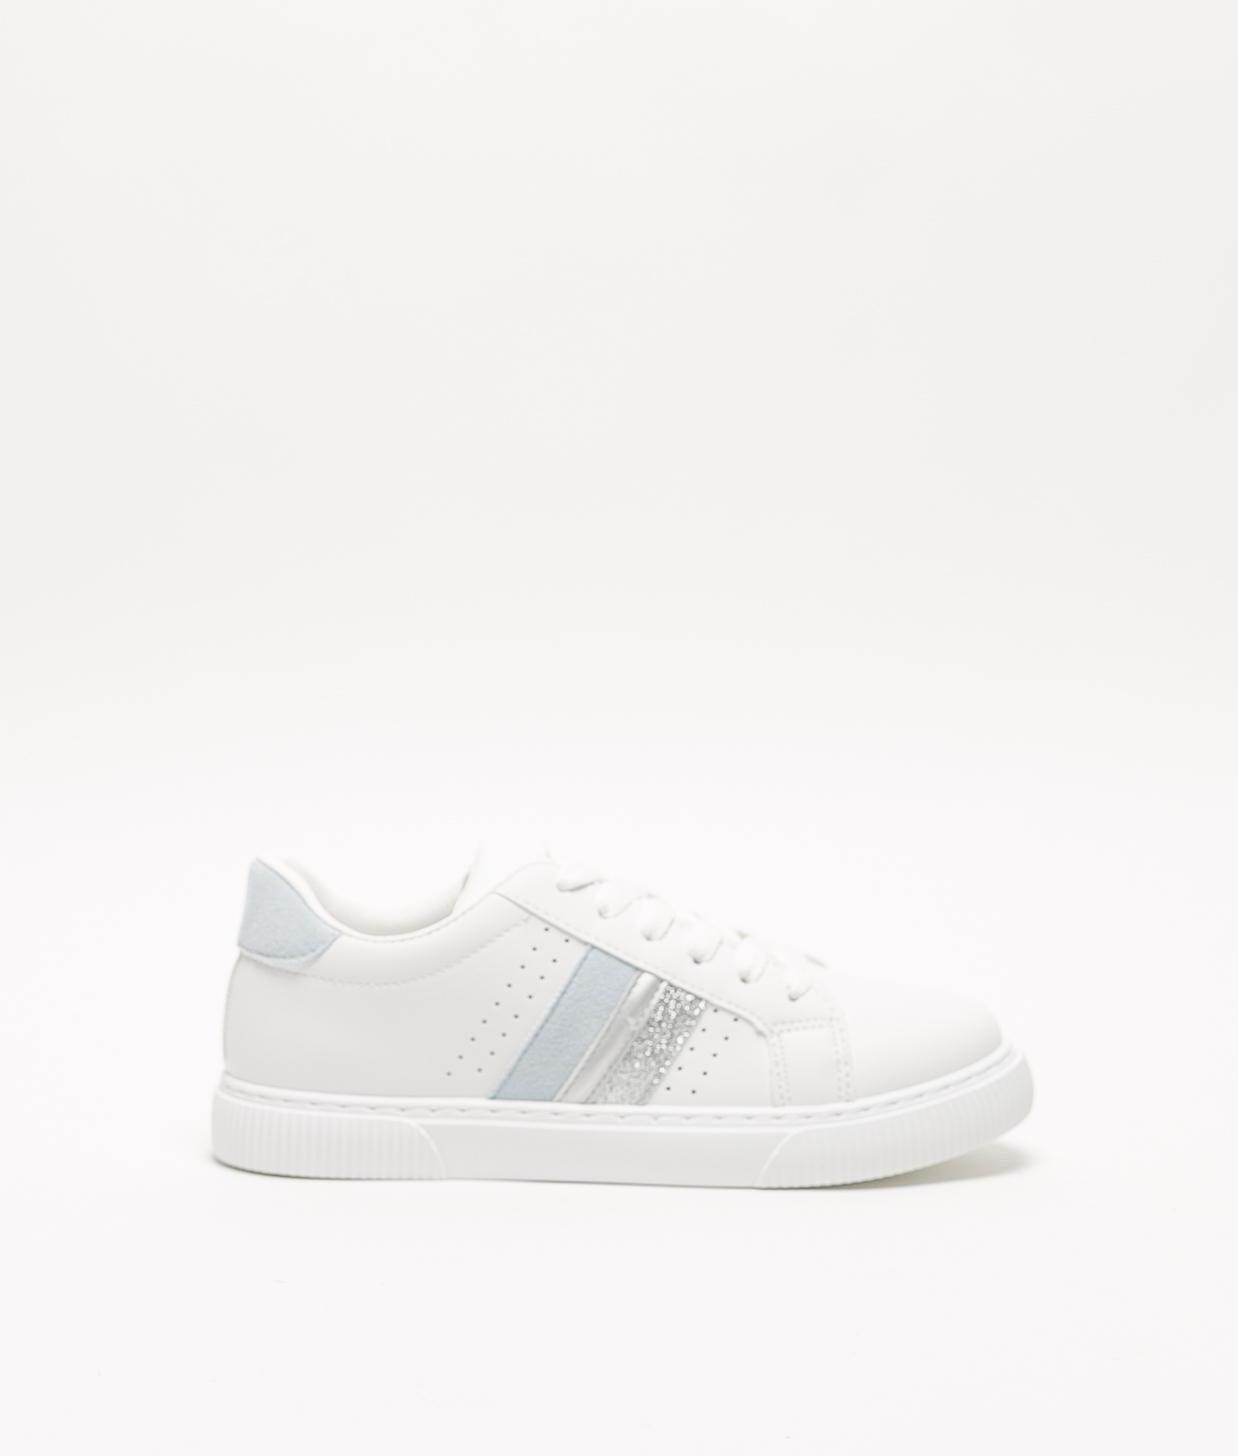 Sneakers BAREY - AZUL